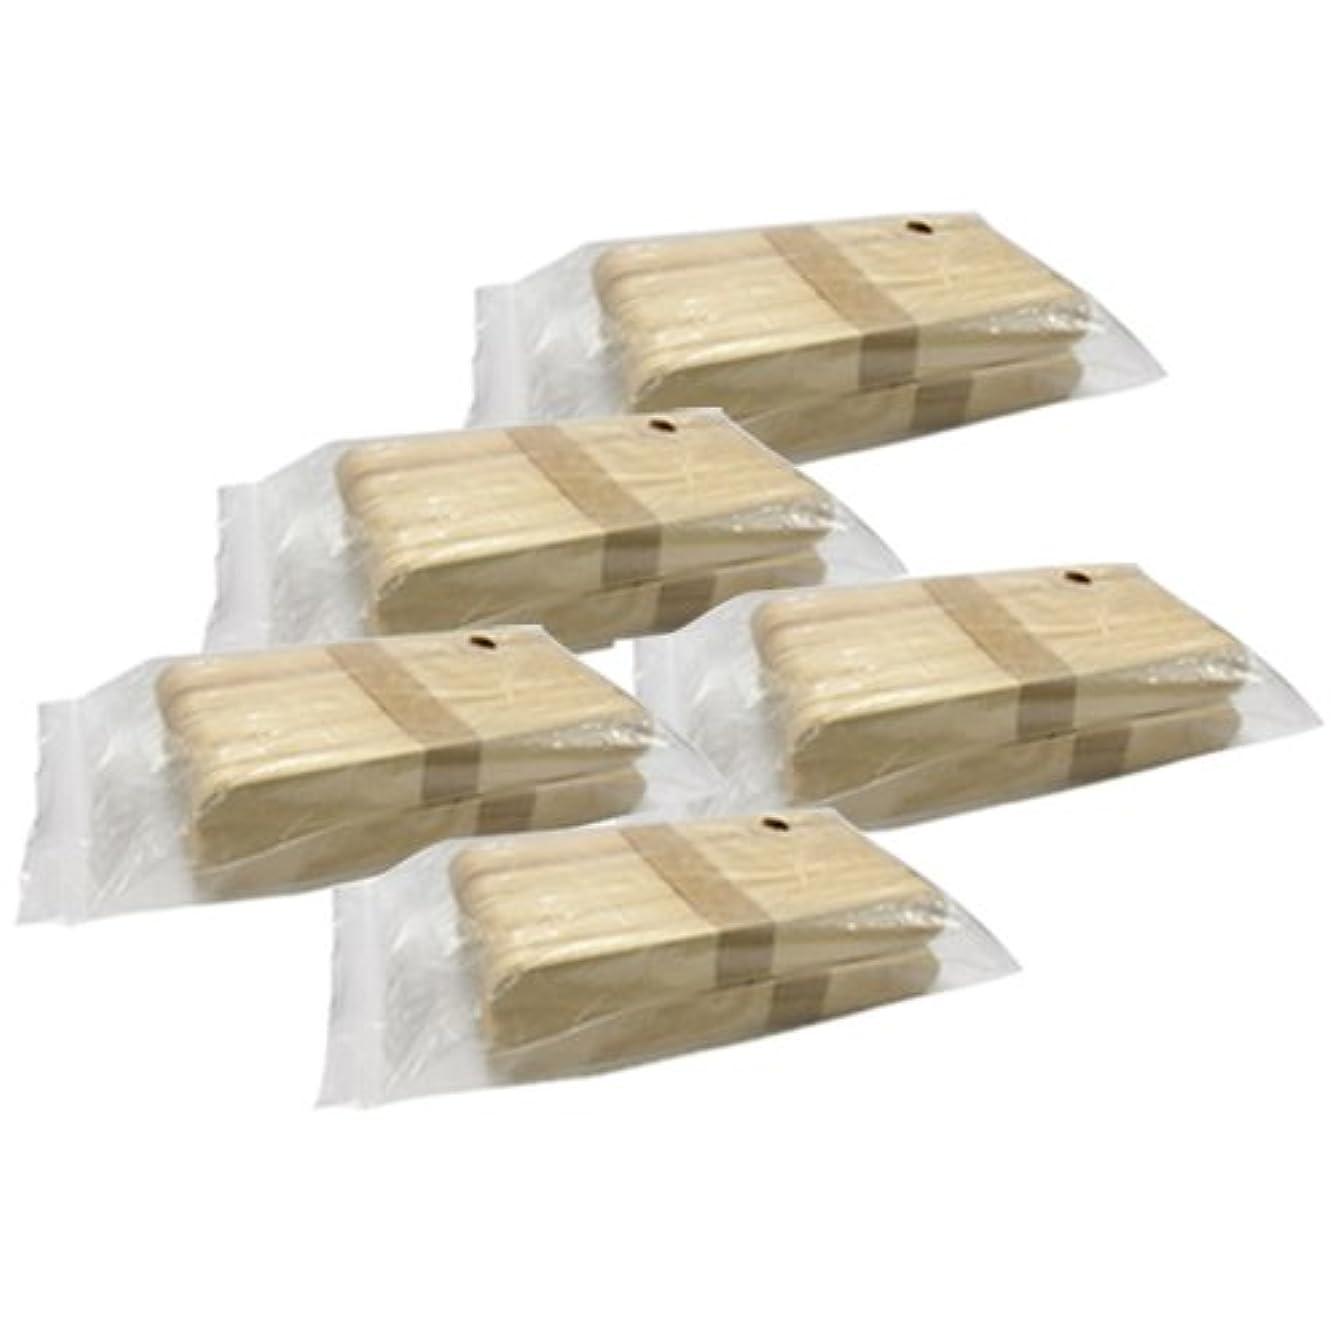 体メンタリティじゃない使い捨て【木ベラ/ウッドスパチュラ】(業務用100枚入り) × 5袋セット(計500枚)/WAX脱毛等や舌厚子にも …